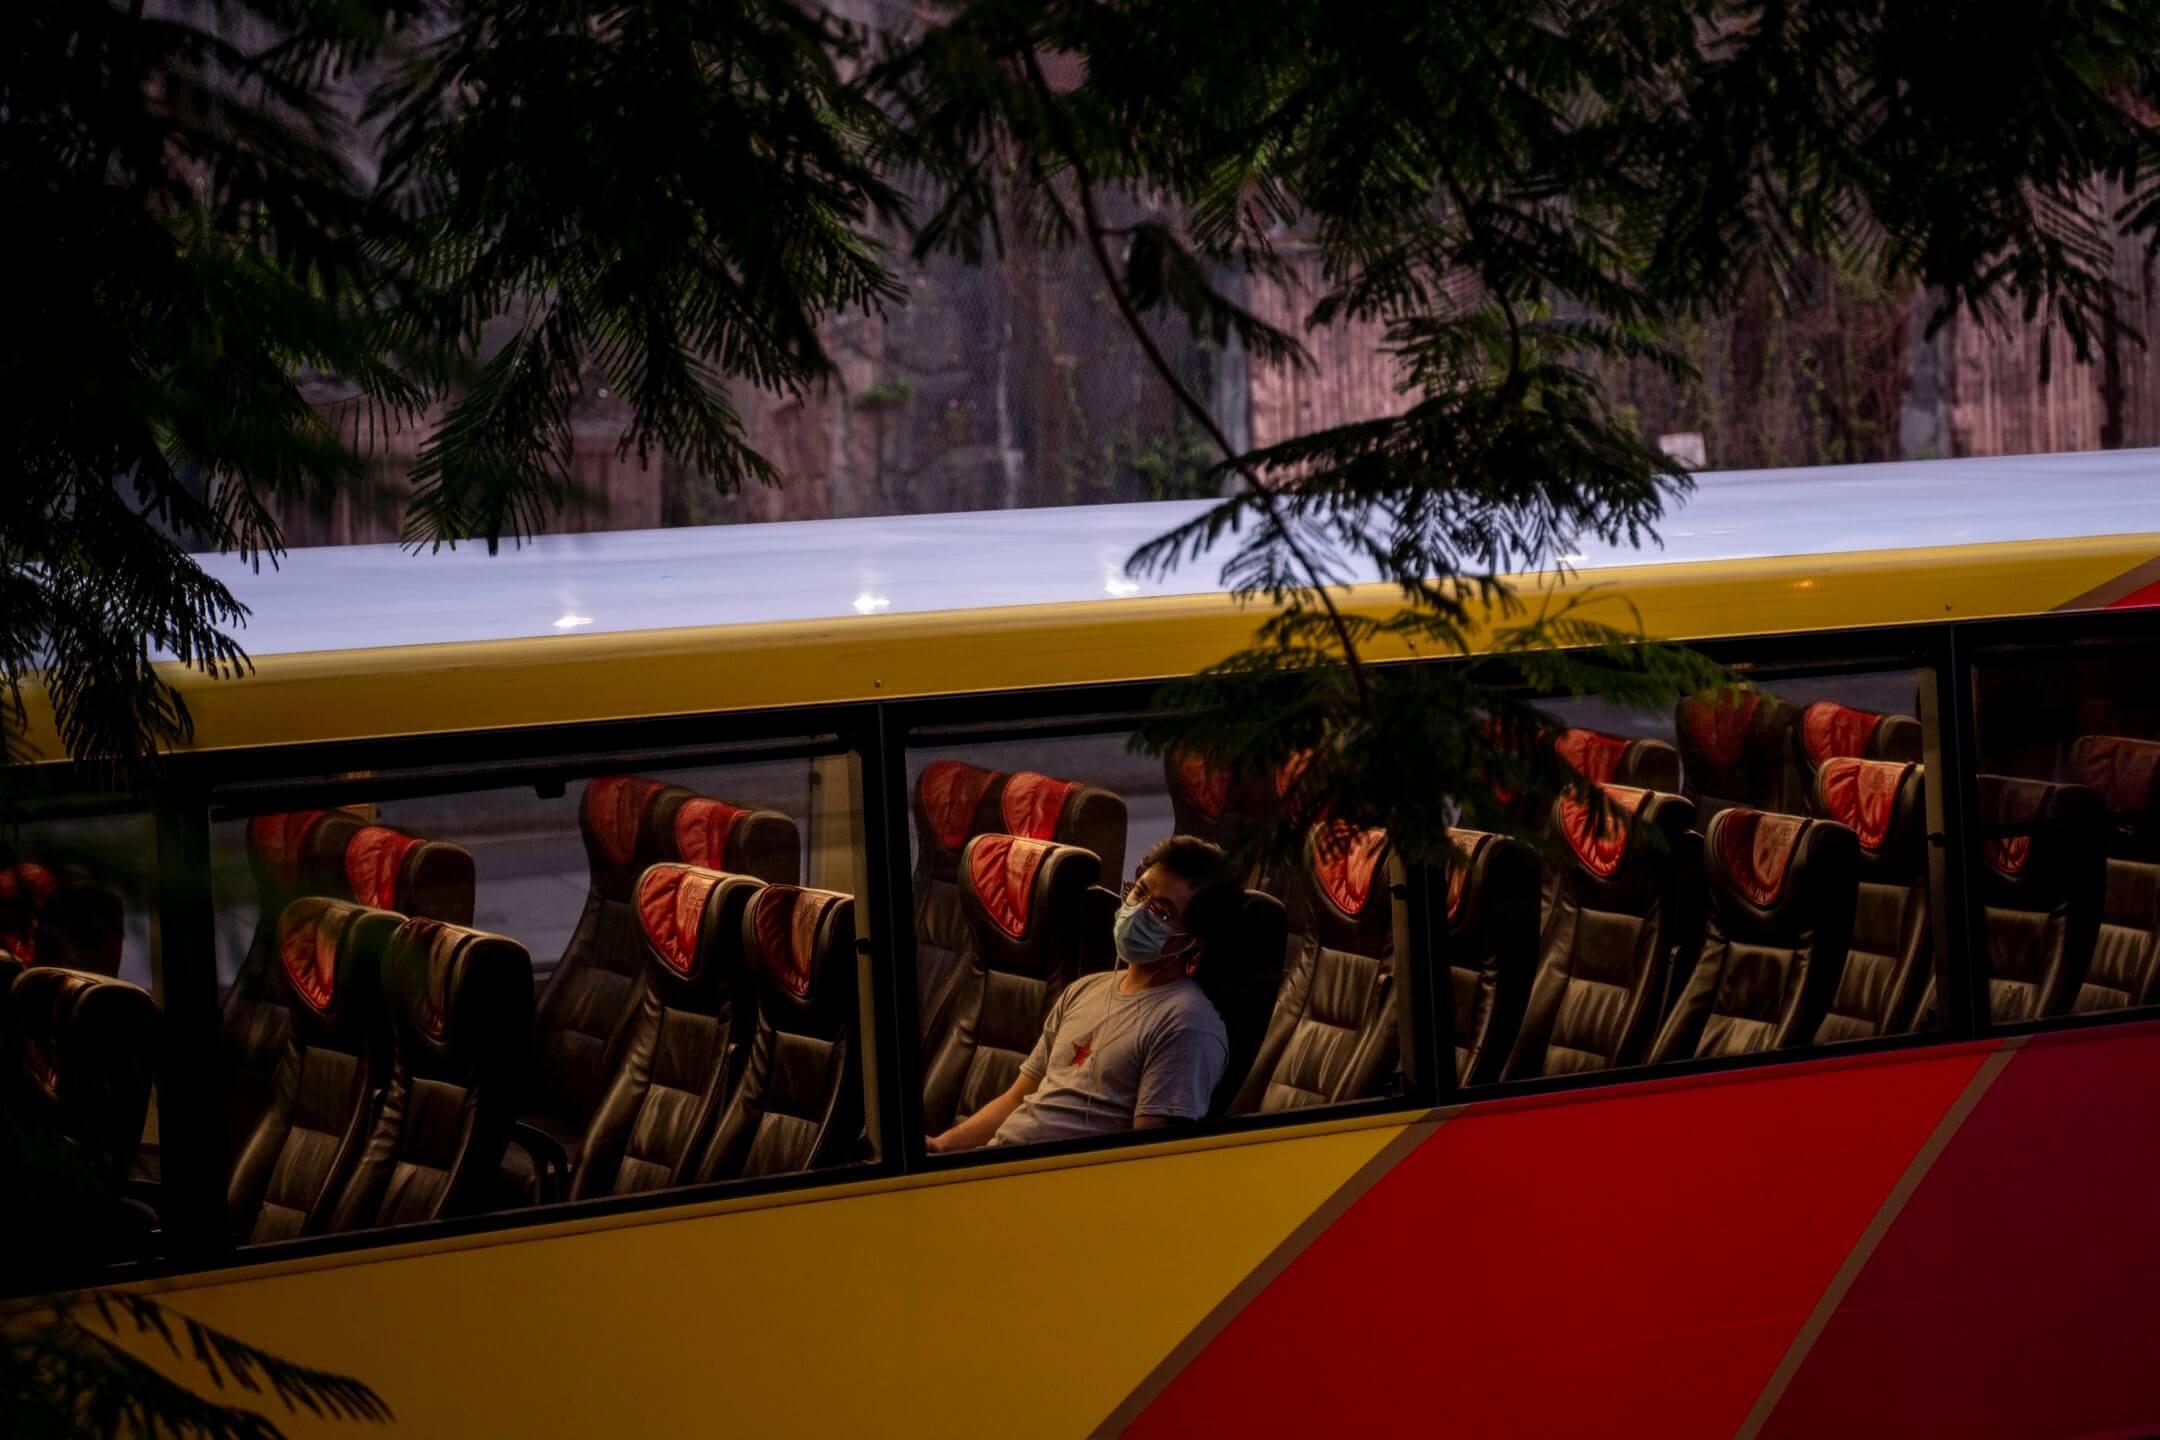 2020年9月2日,一名乘客在巴士上睡覺。 攝:林振東/端傳媒